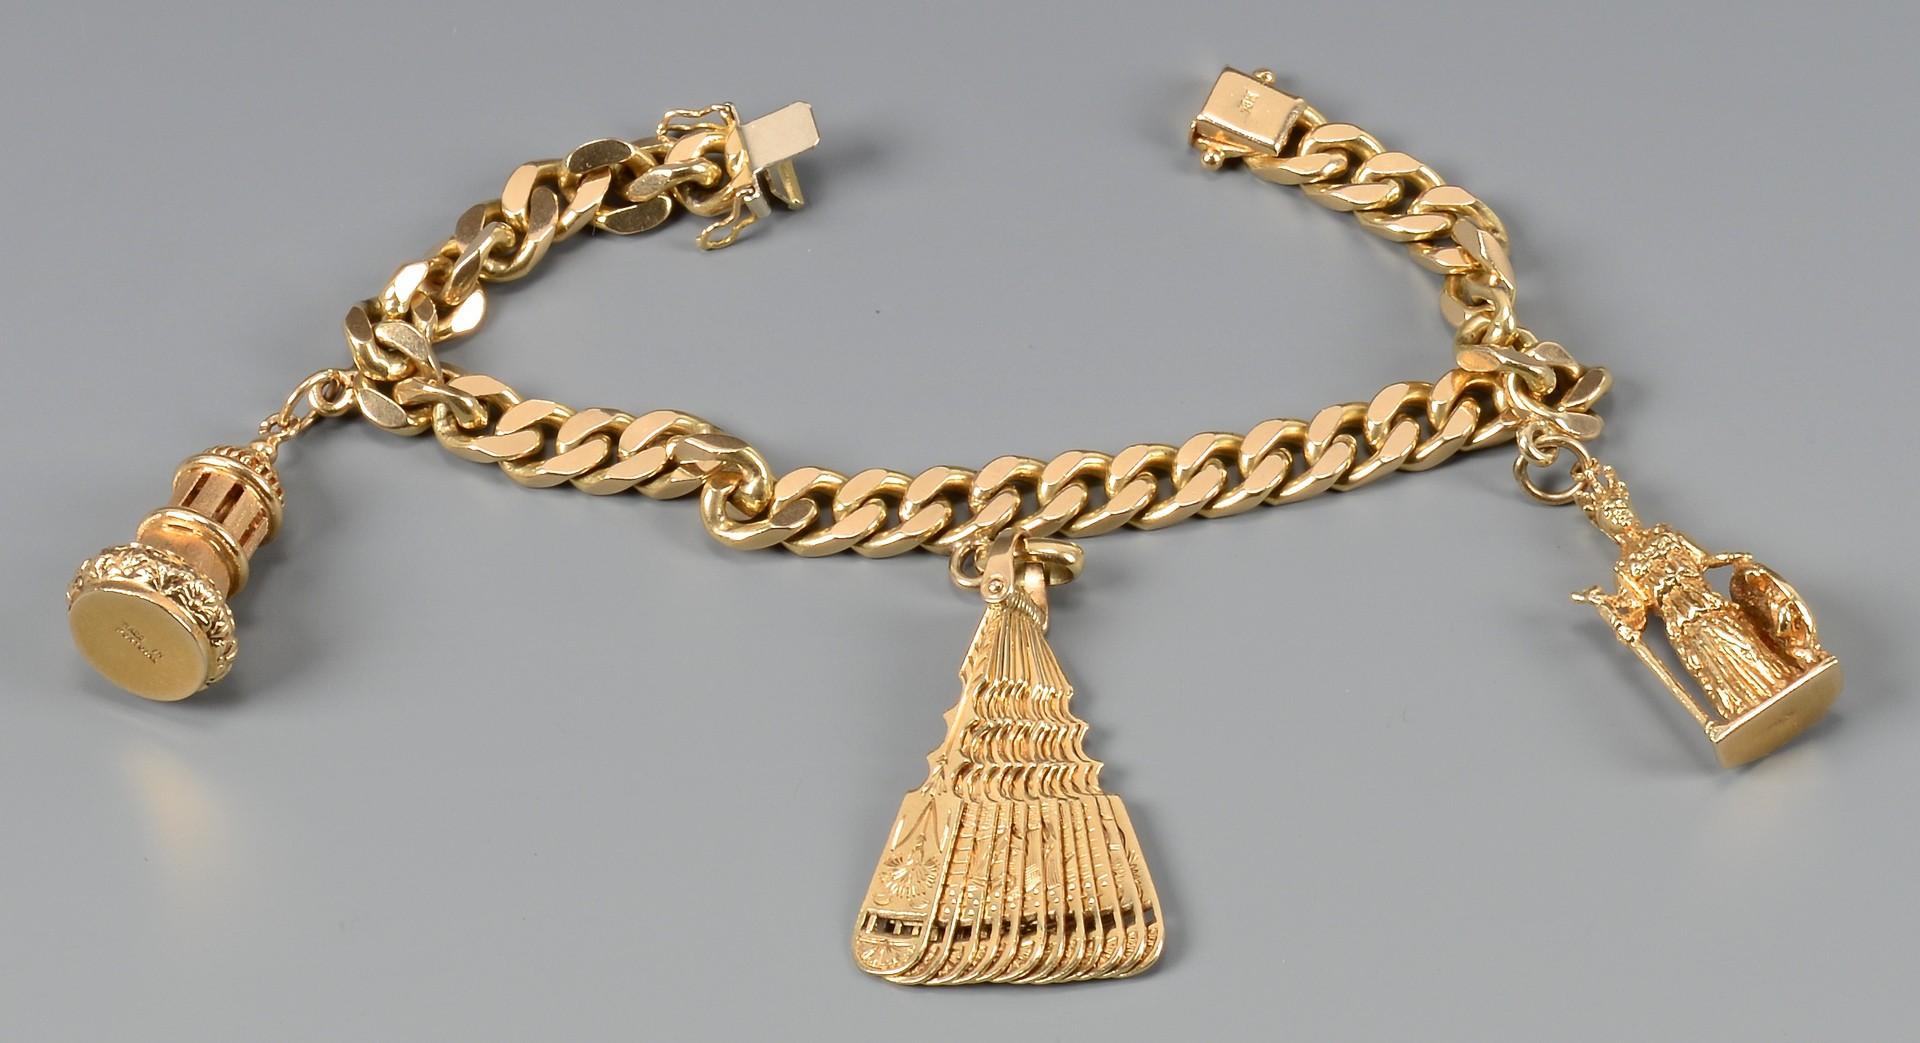 Lot 97: 18k bracelet, 3 charms, 61.8 grams